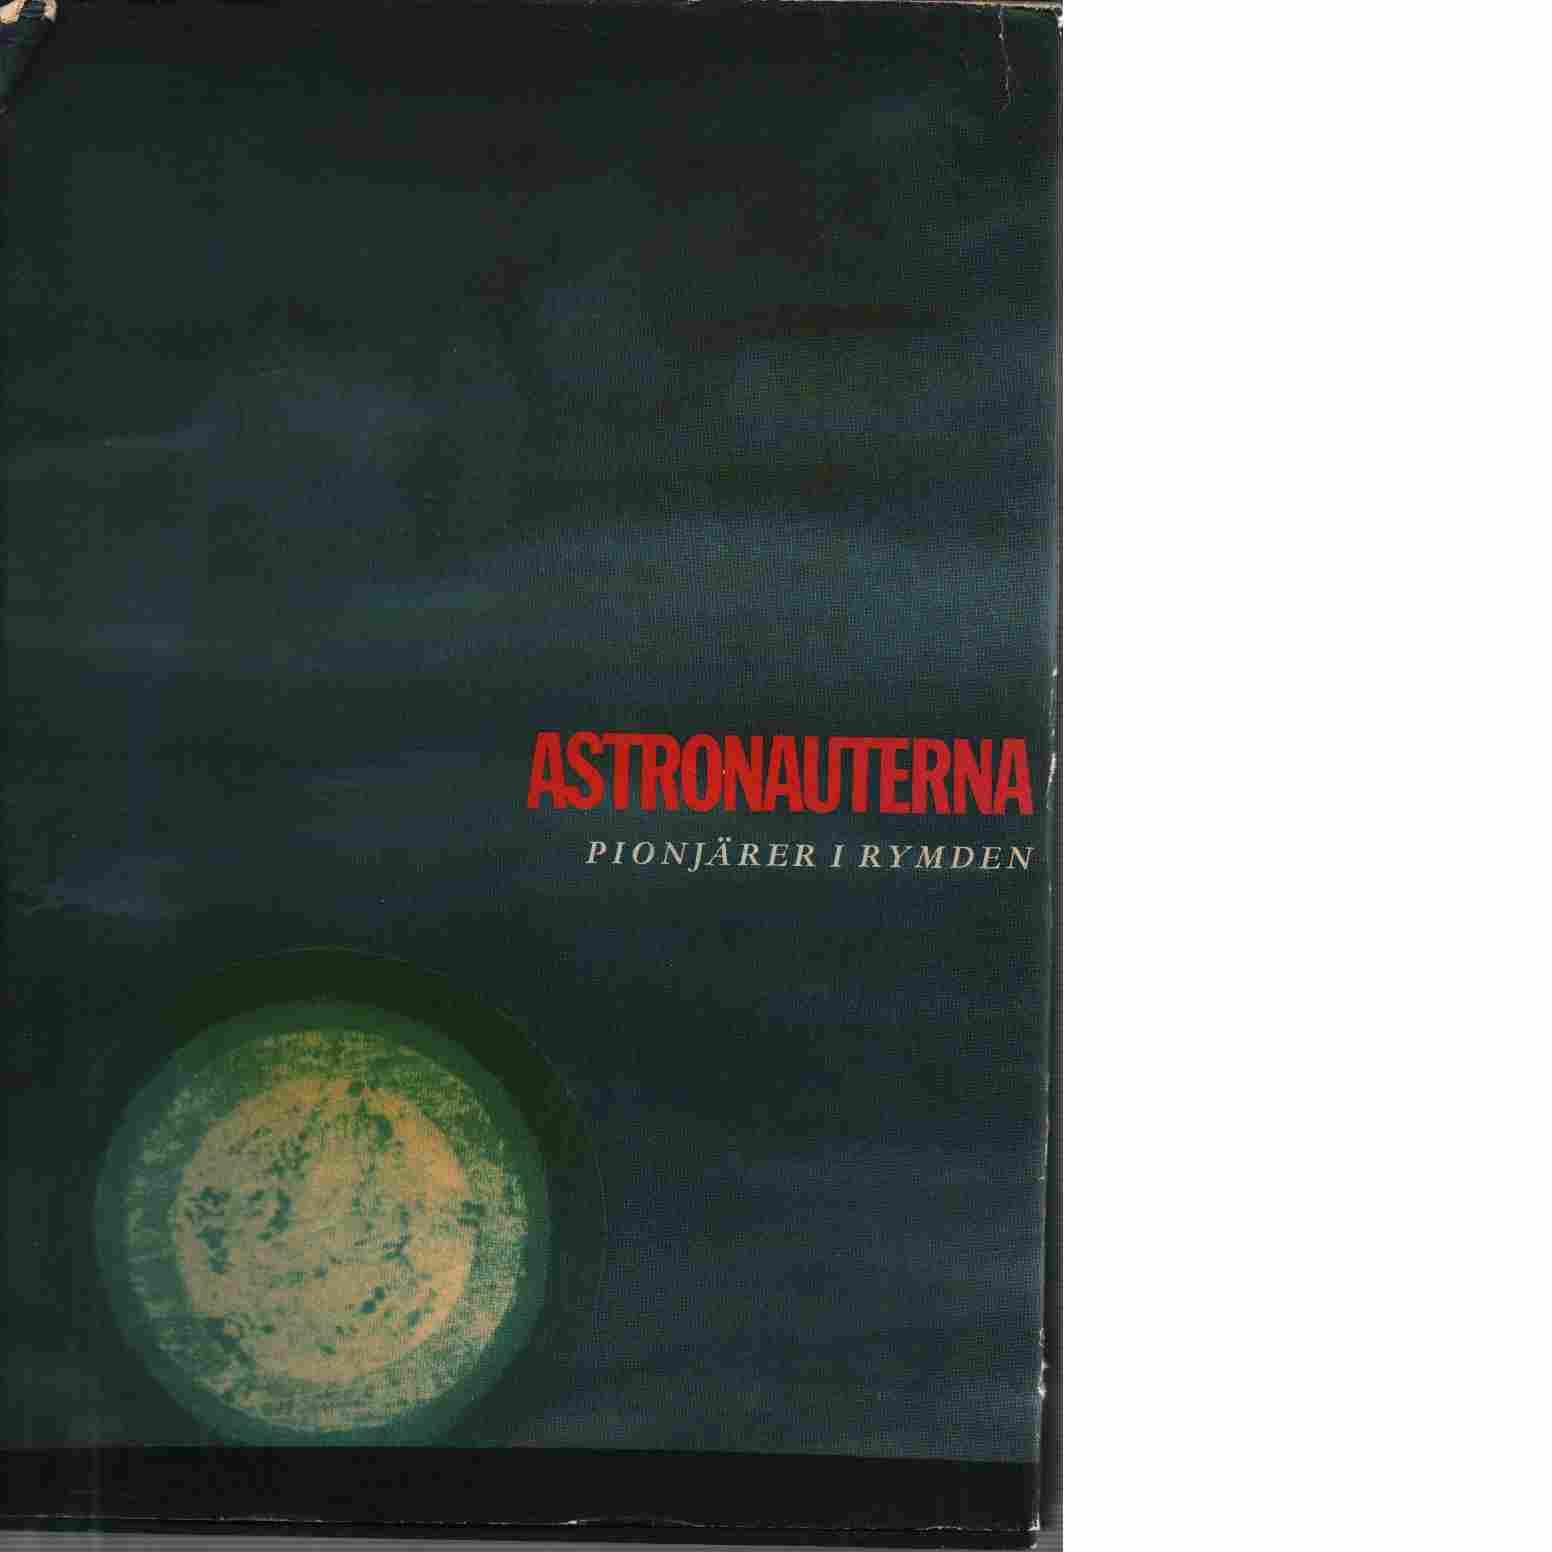 Astronauterna : pionjärer i rymden - Cooper, L. Gordon och Wainwright, Loudon